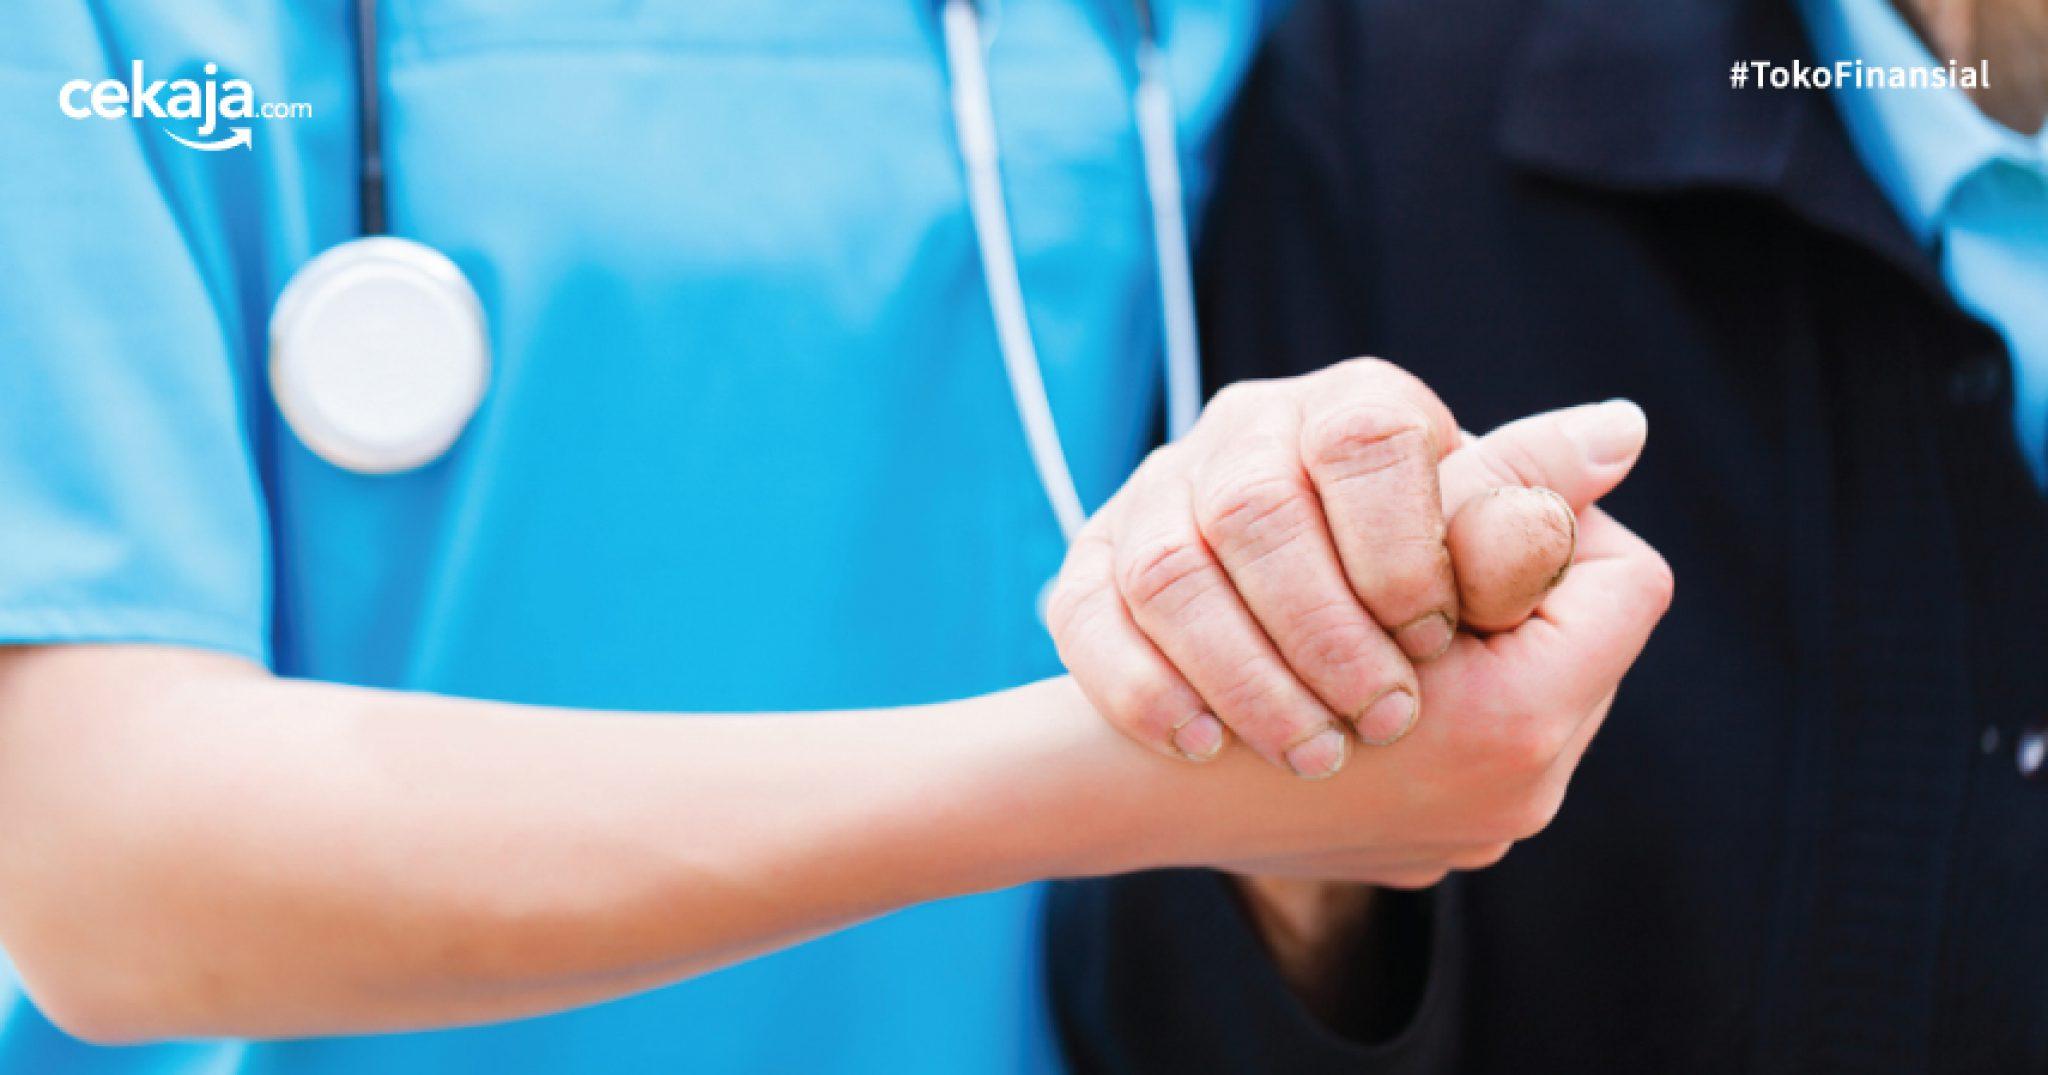 asuransi kesehatan - CekAja.com